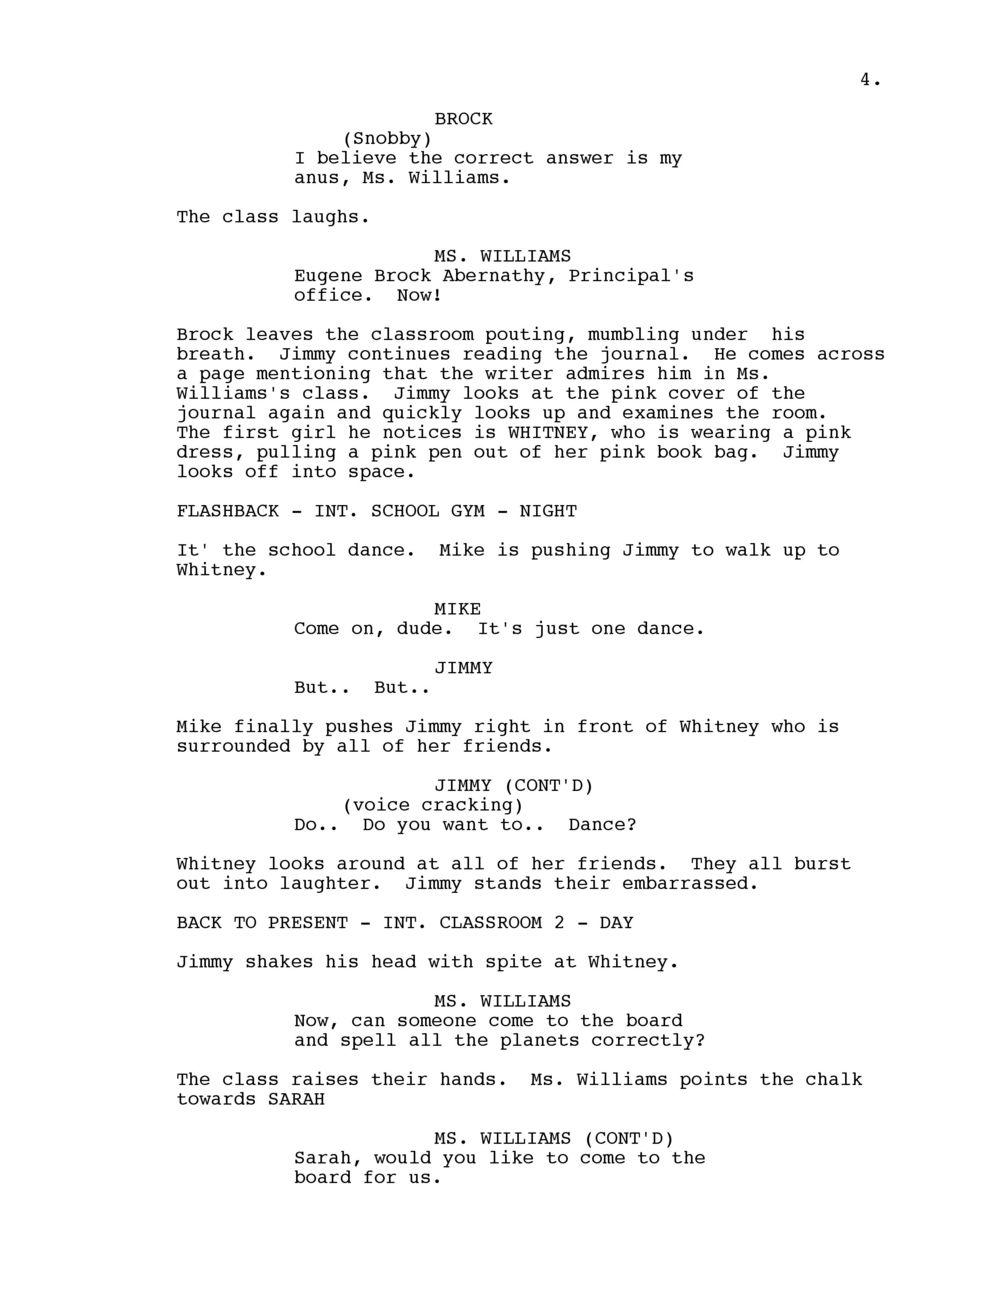 Script - The Pink Journal-4.jpg